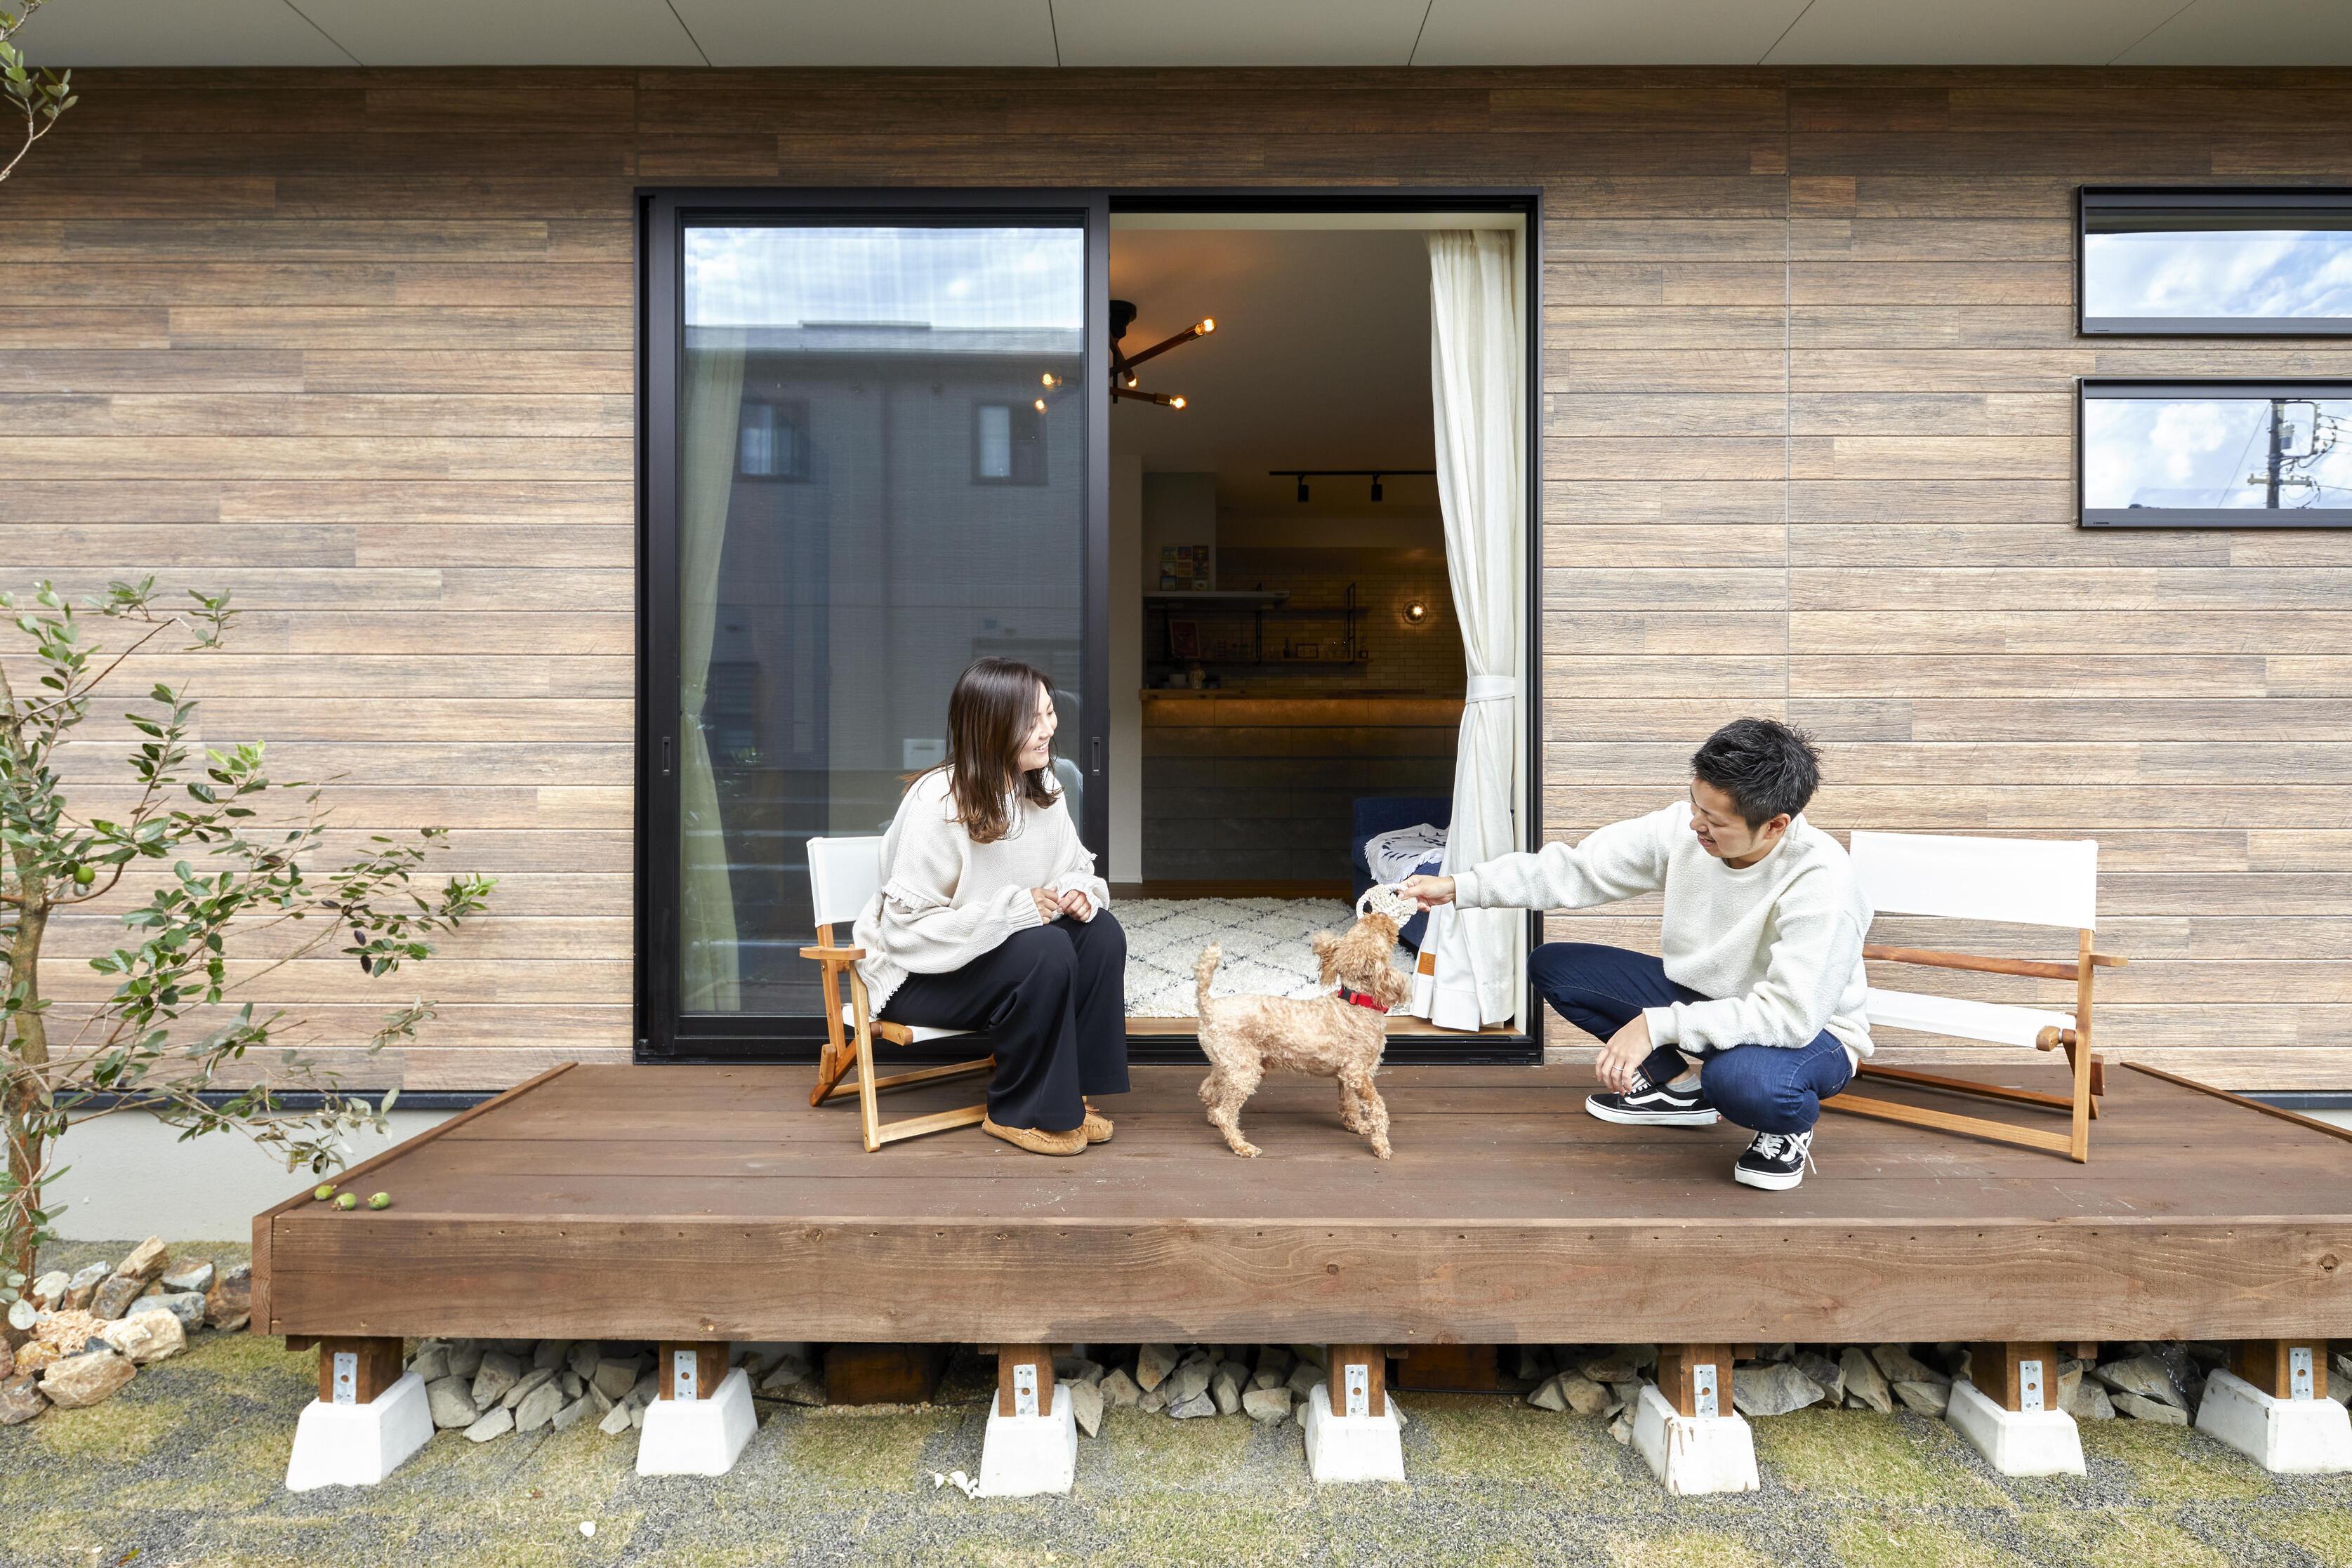 広い庭ではBBQや簡単なパーティーなどを愉しめ、アウトドア好きな夫婦にピッタリ